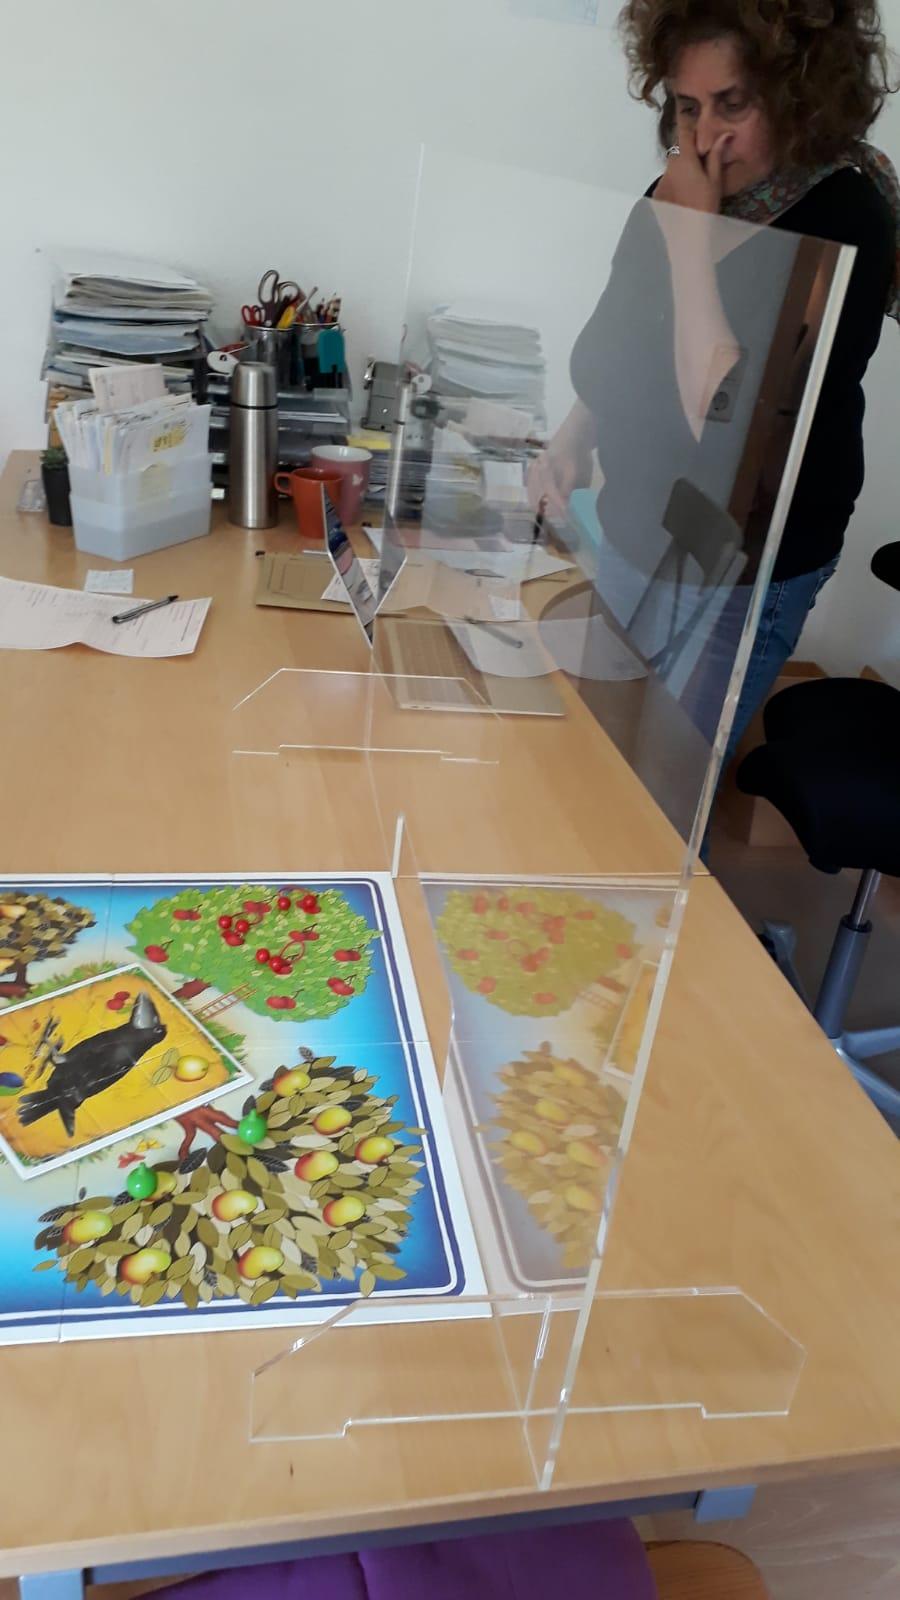 Plexiglas-Schutzwand